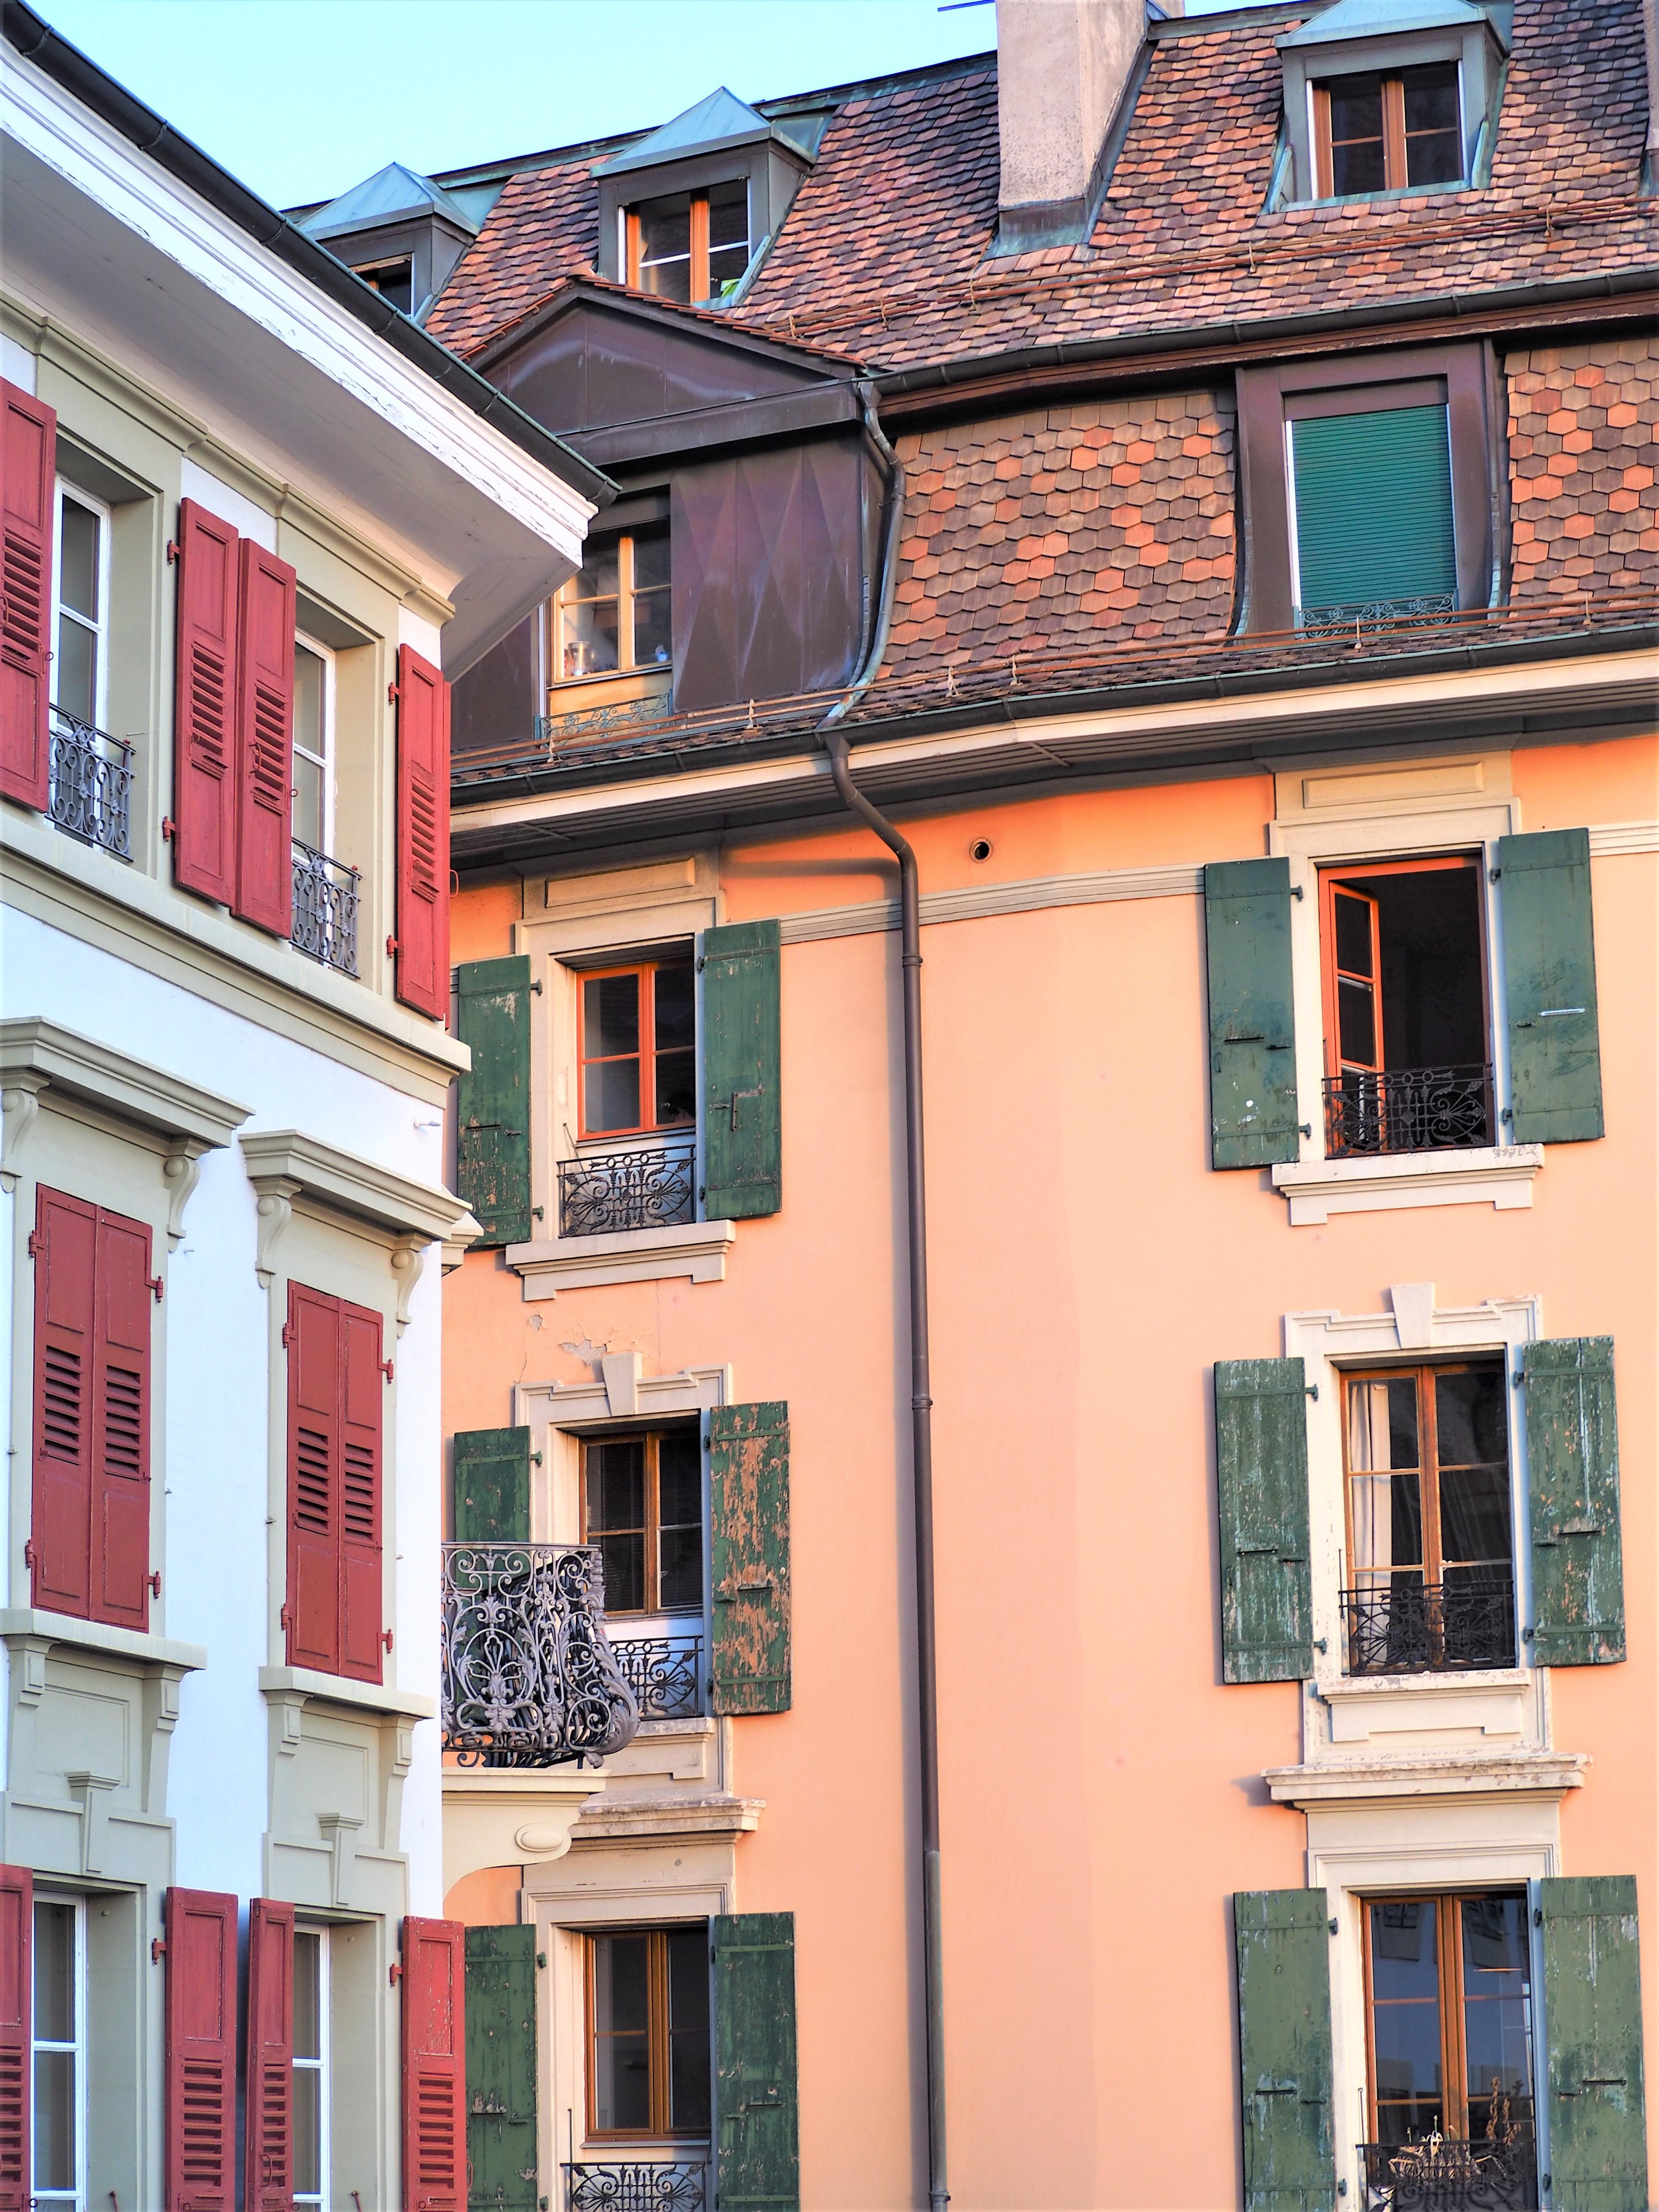 immeubles-clioandco-blog-voyage-lausanne-suisse-canton-de-vaud